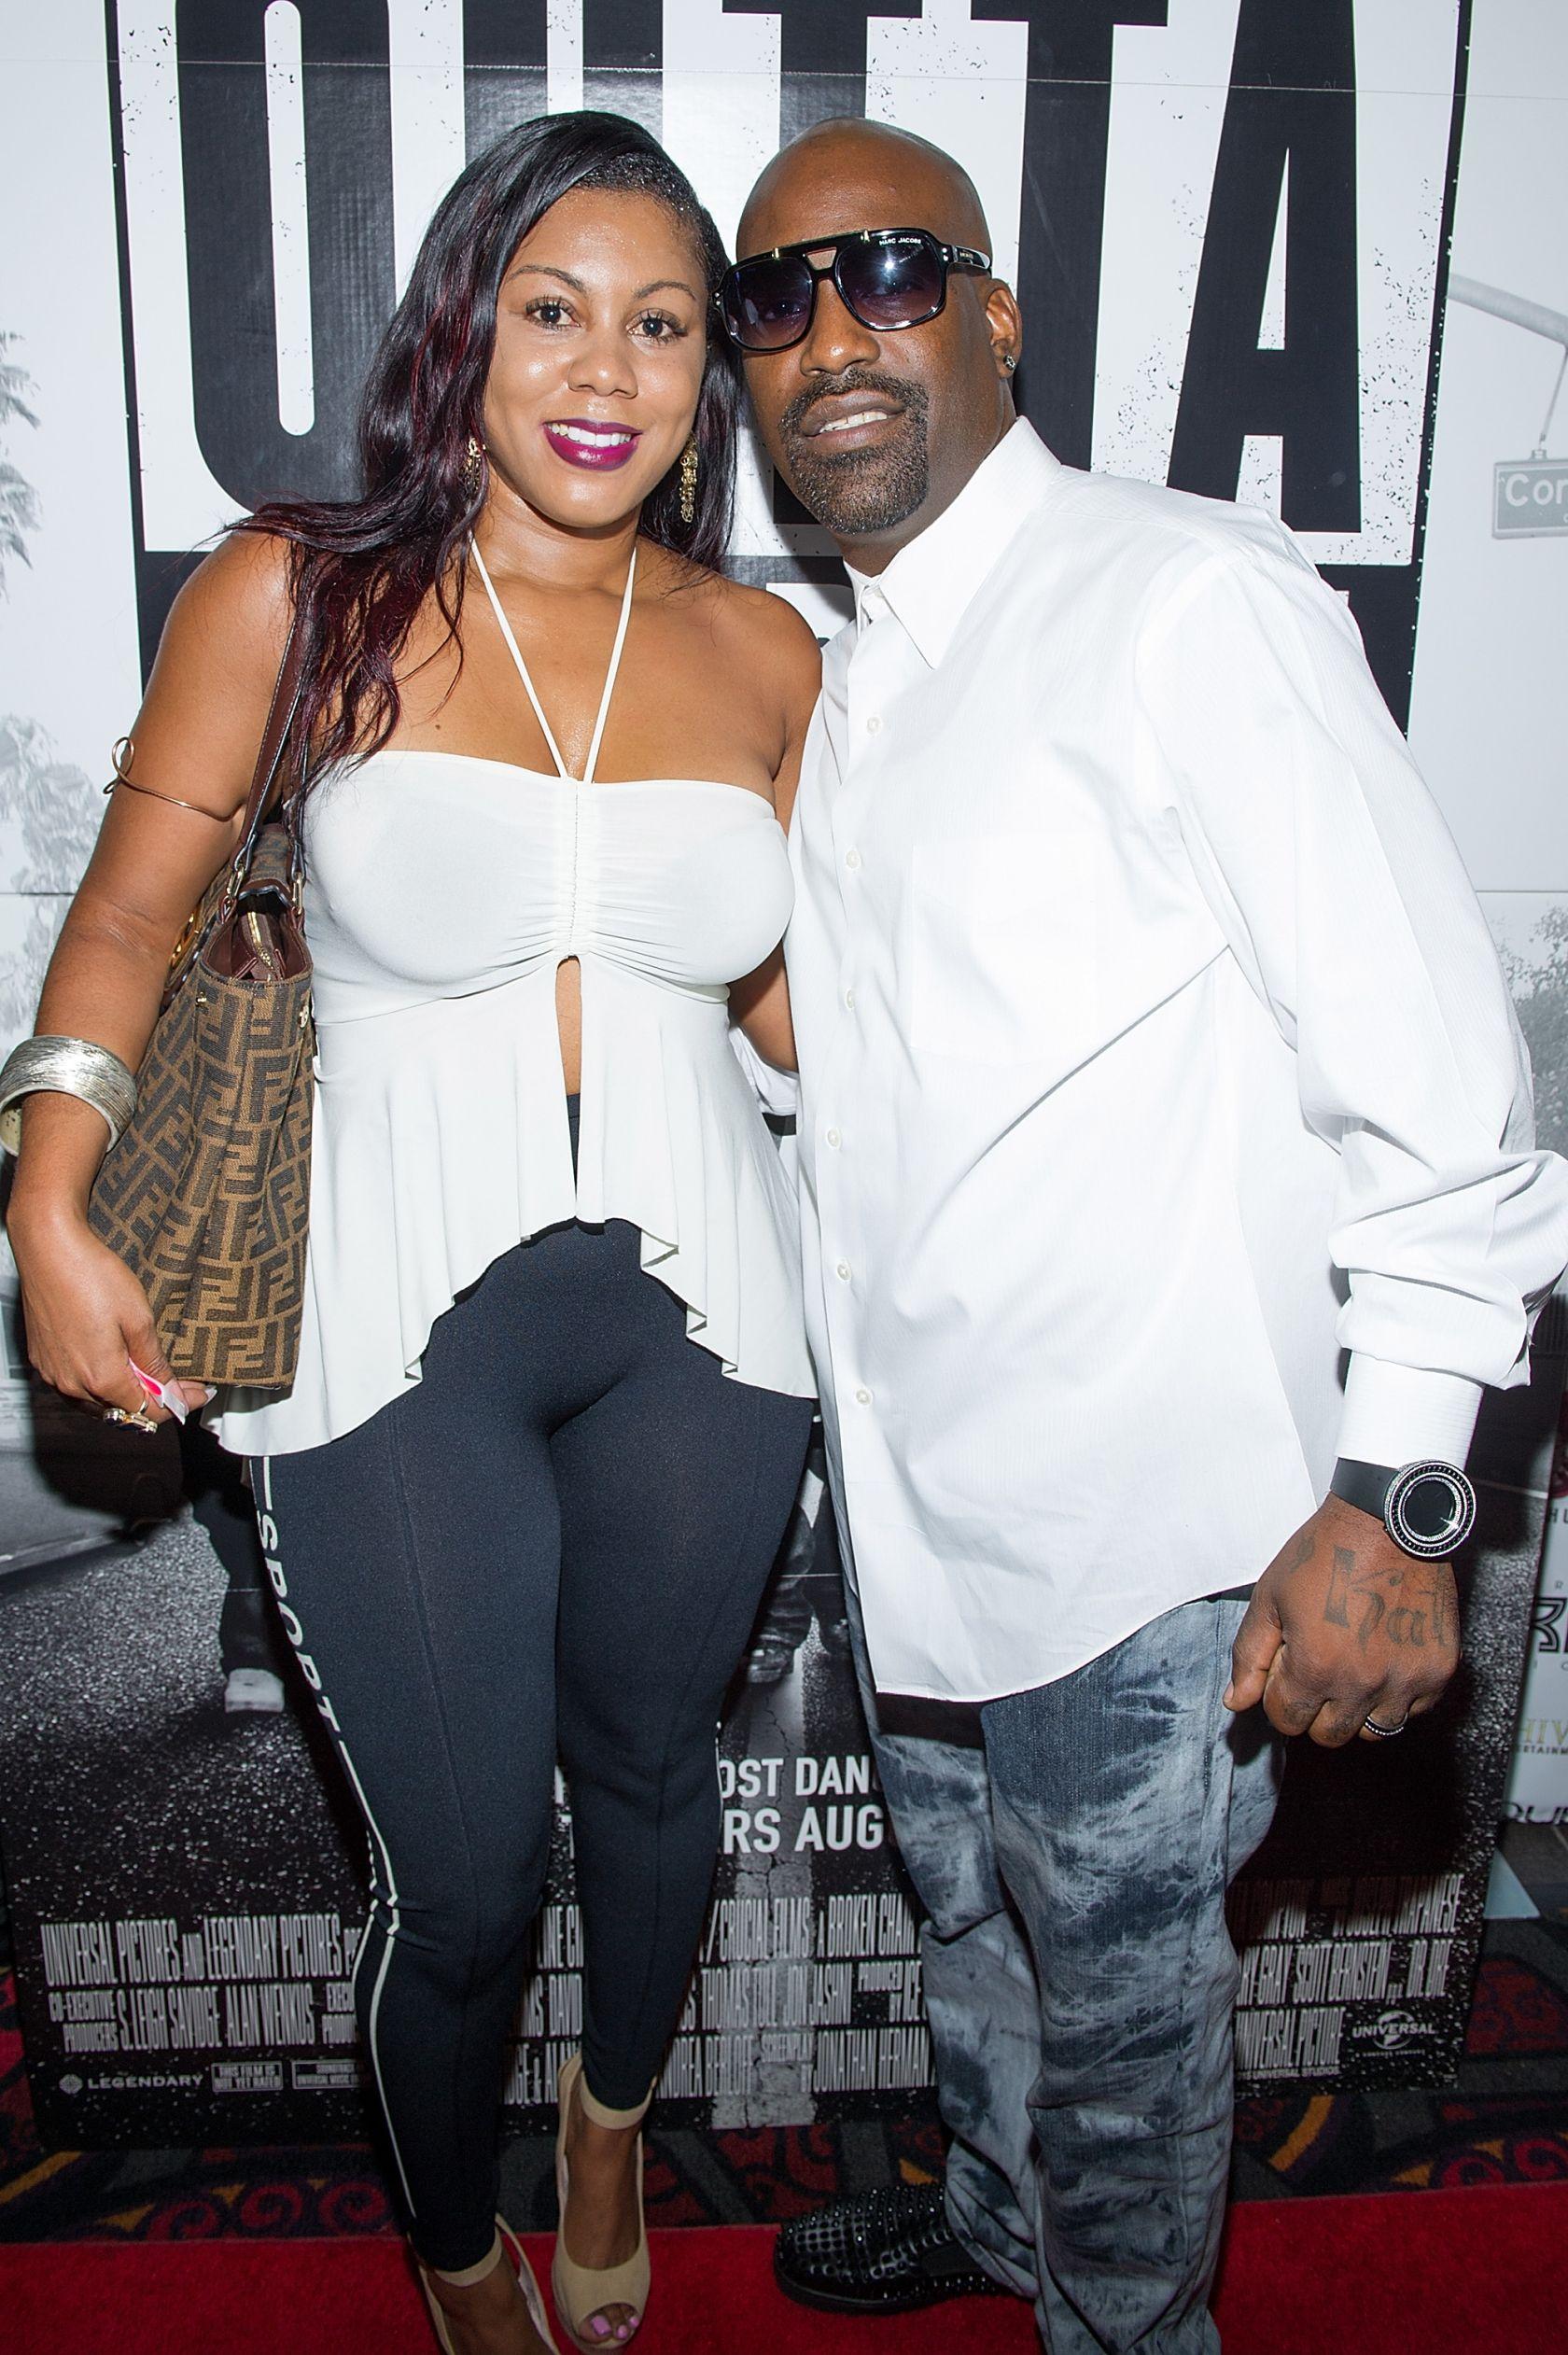 'Straight Outta Compton' Atlanta Premiere